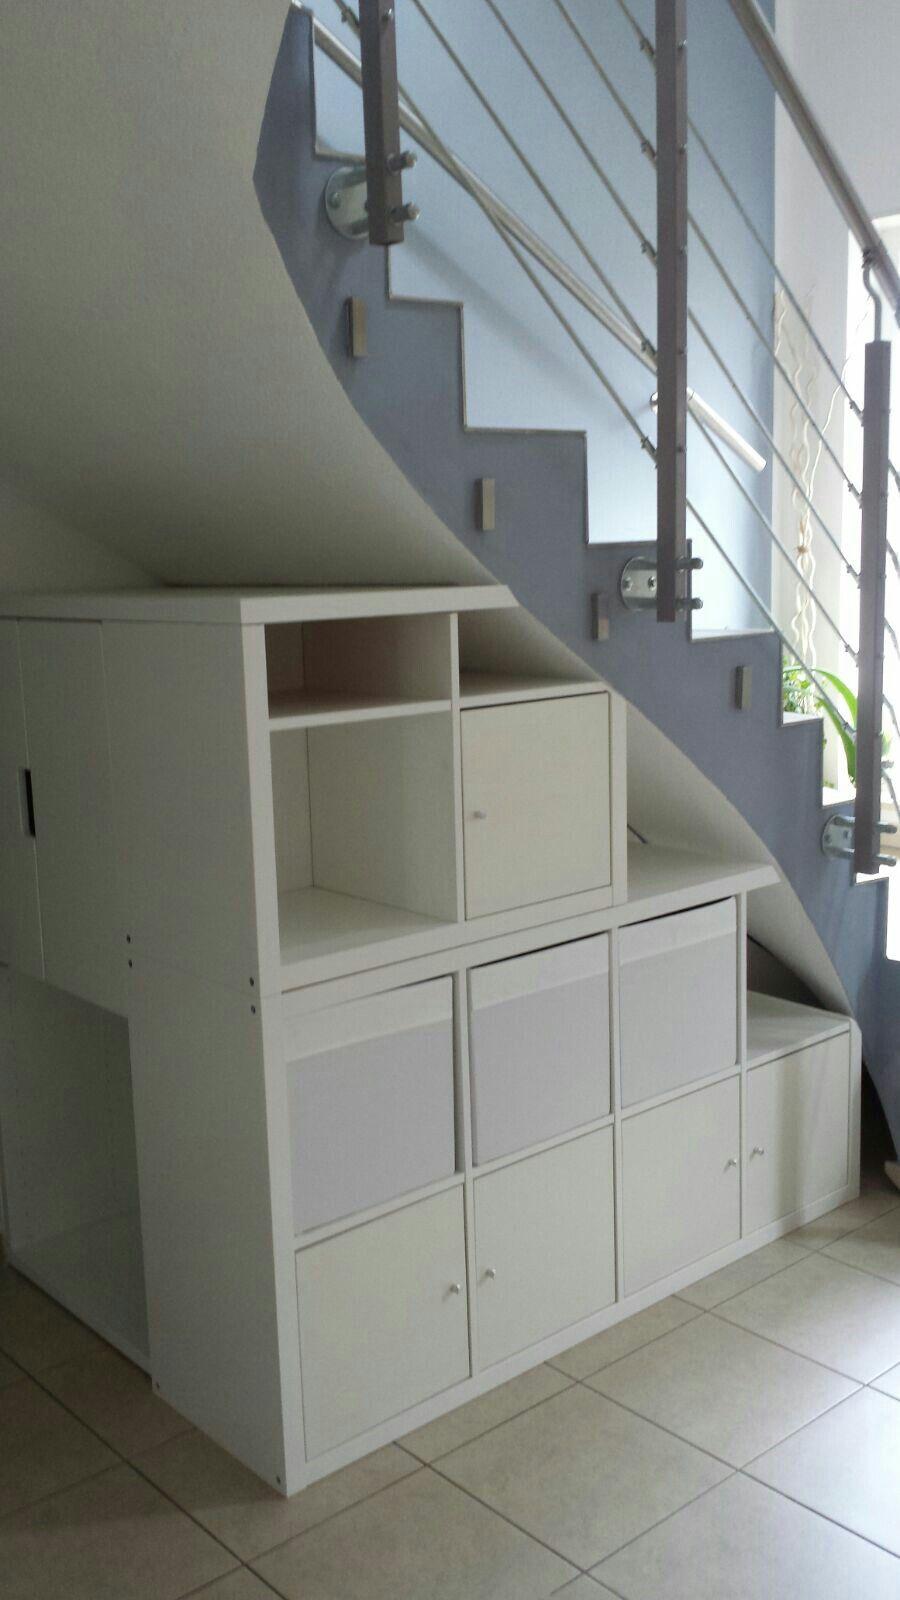 Regal Kallax Unter Der Treppe Als Abdeckung Haben Wir Eine